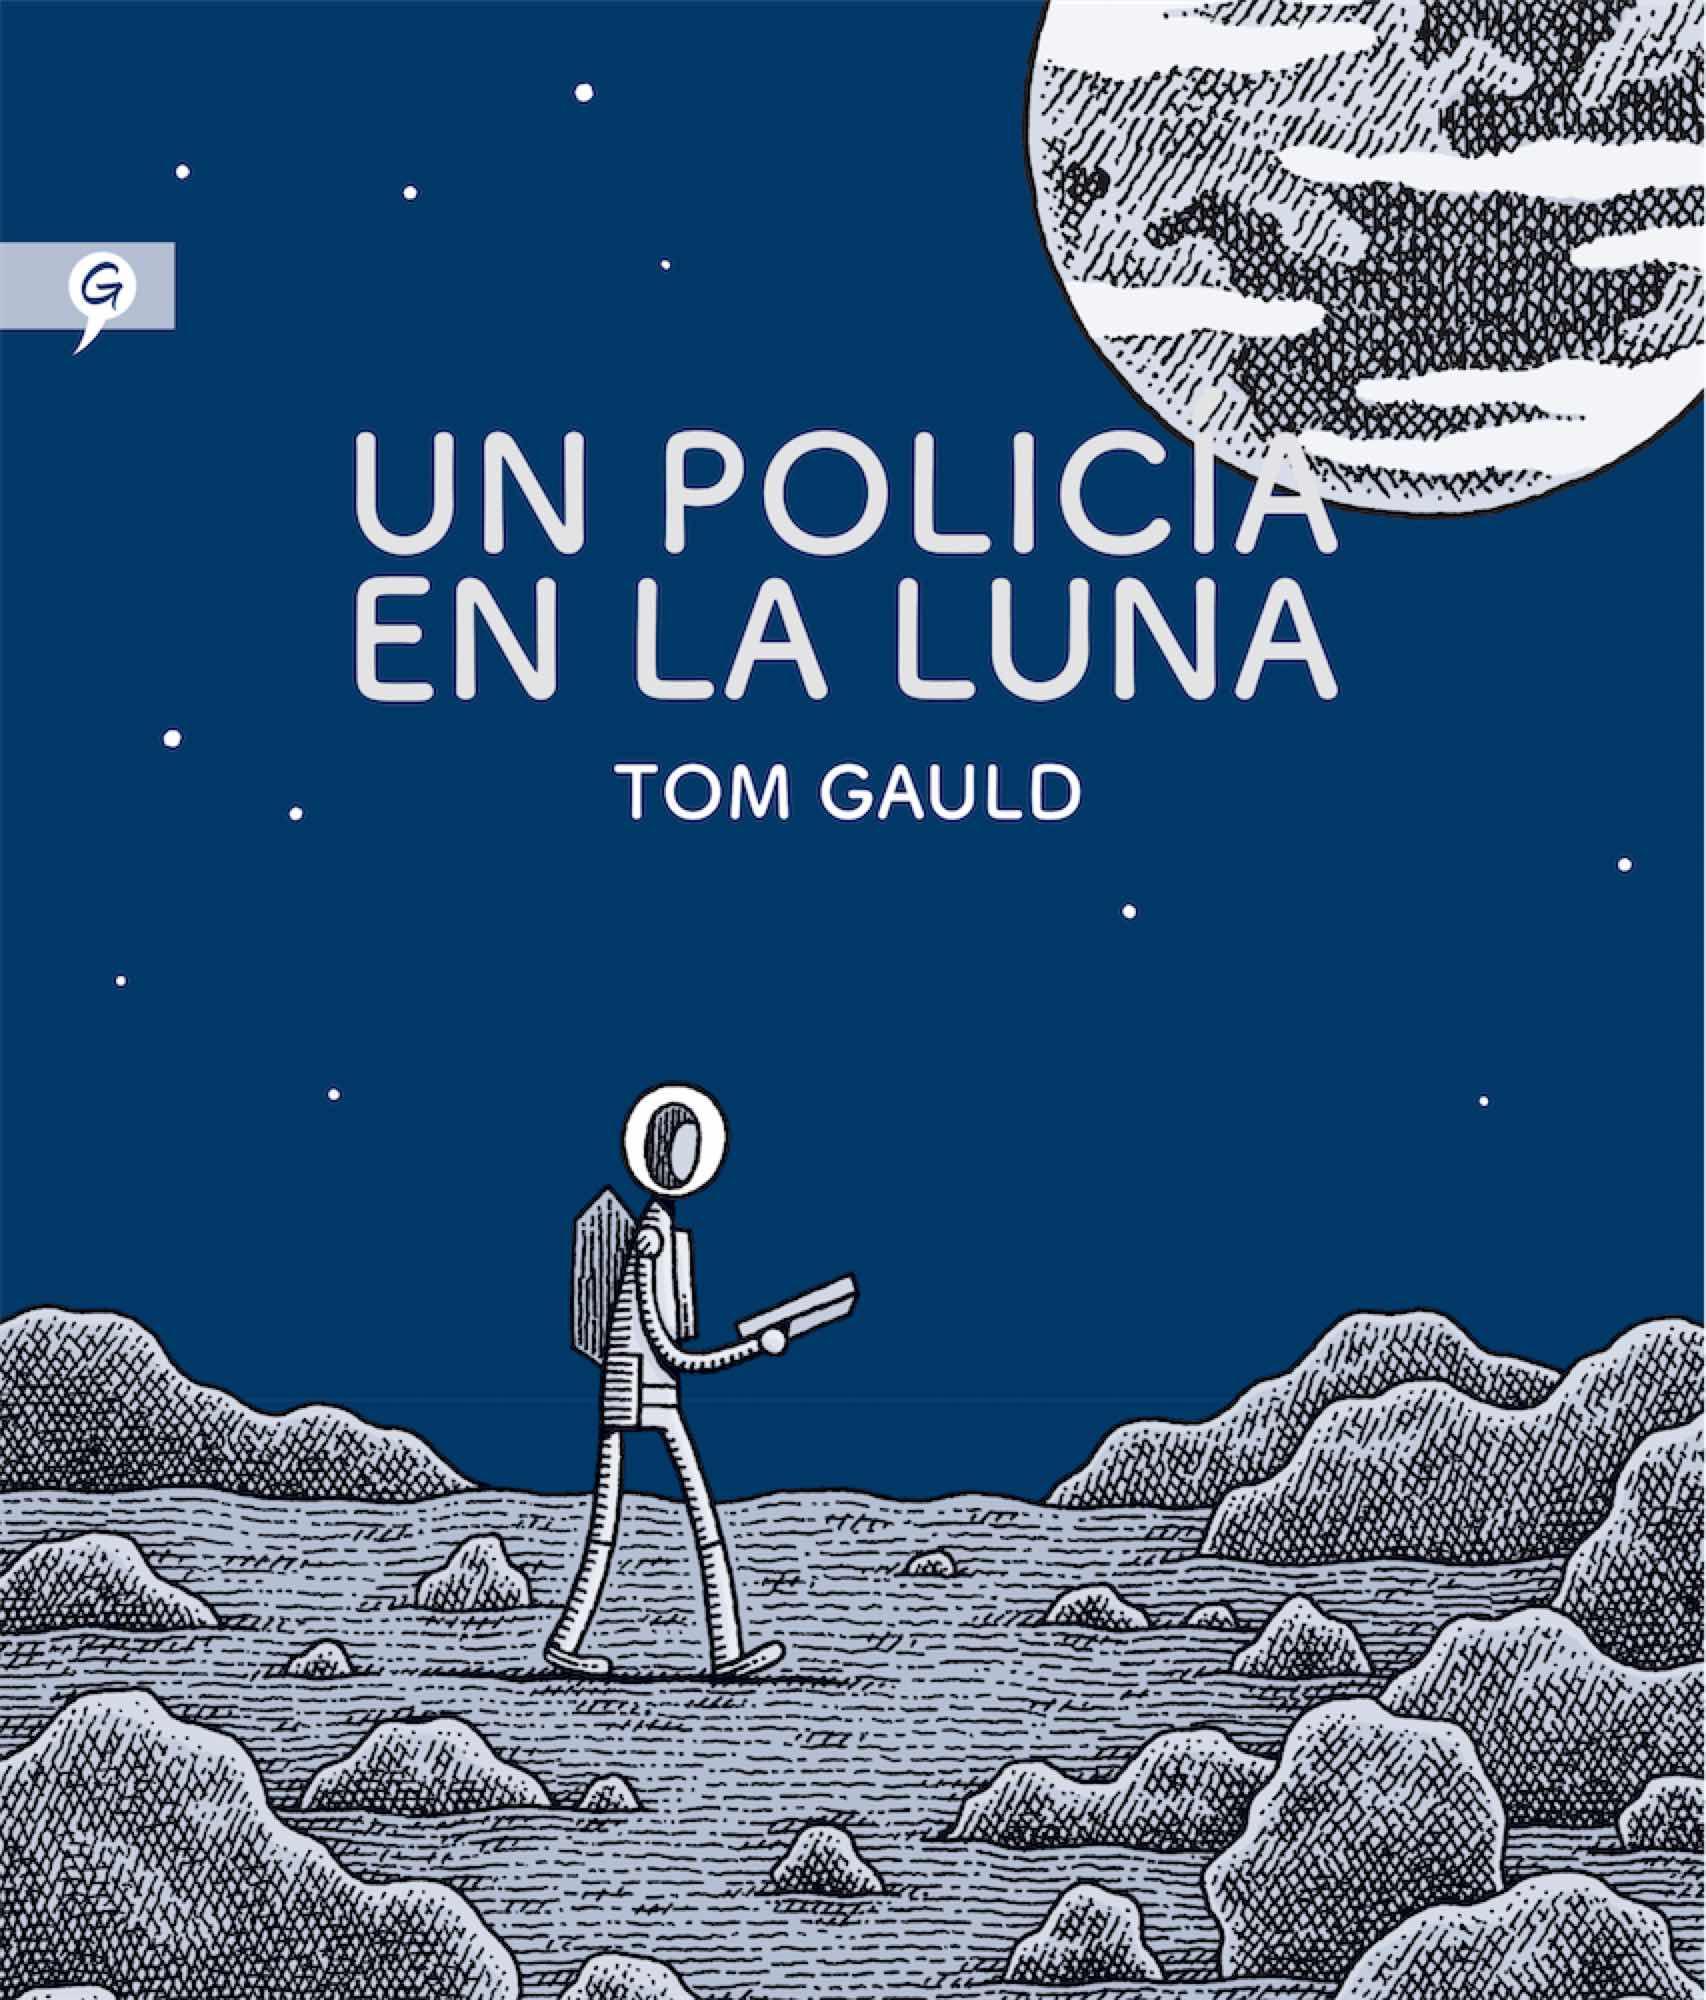 UN POLICIA EN LA LUNA